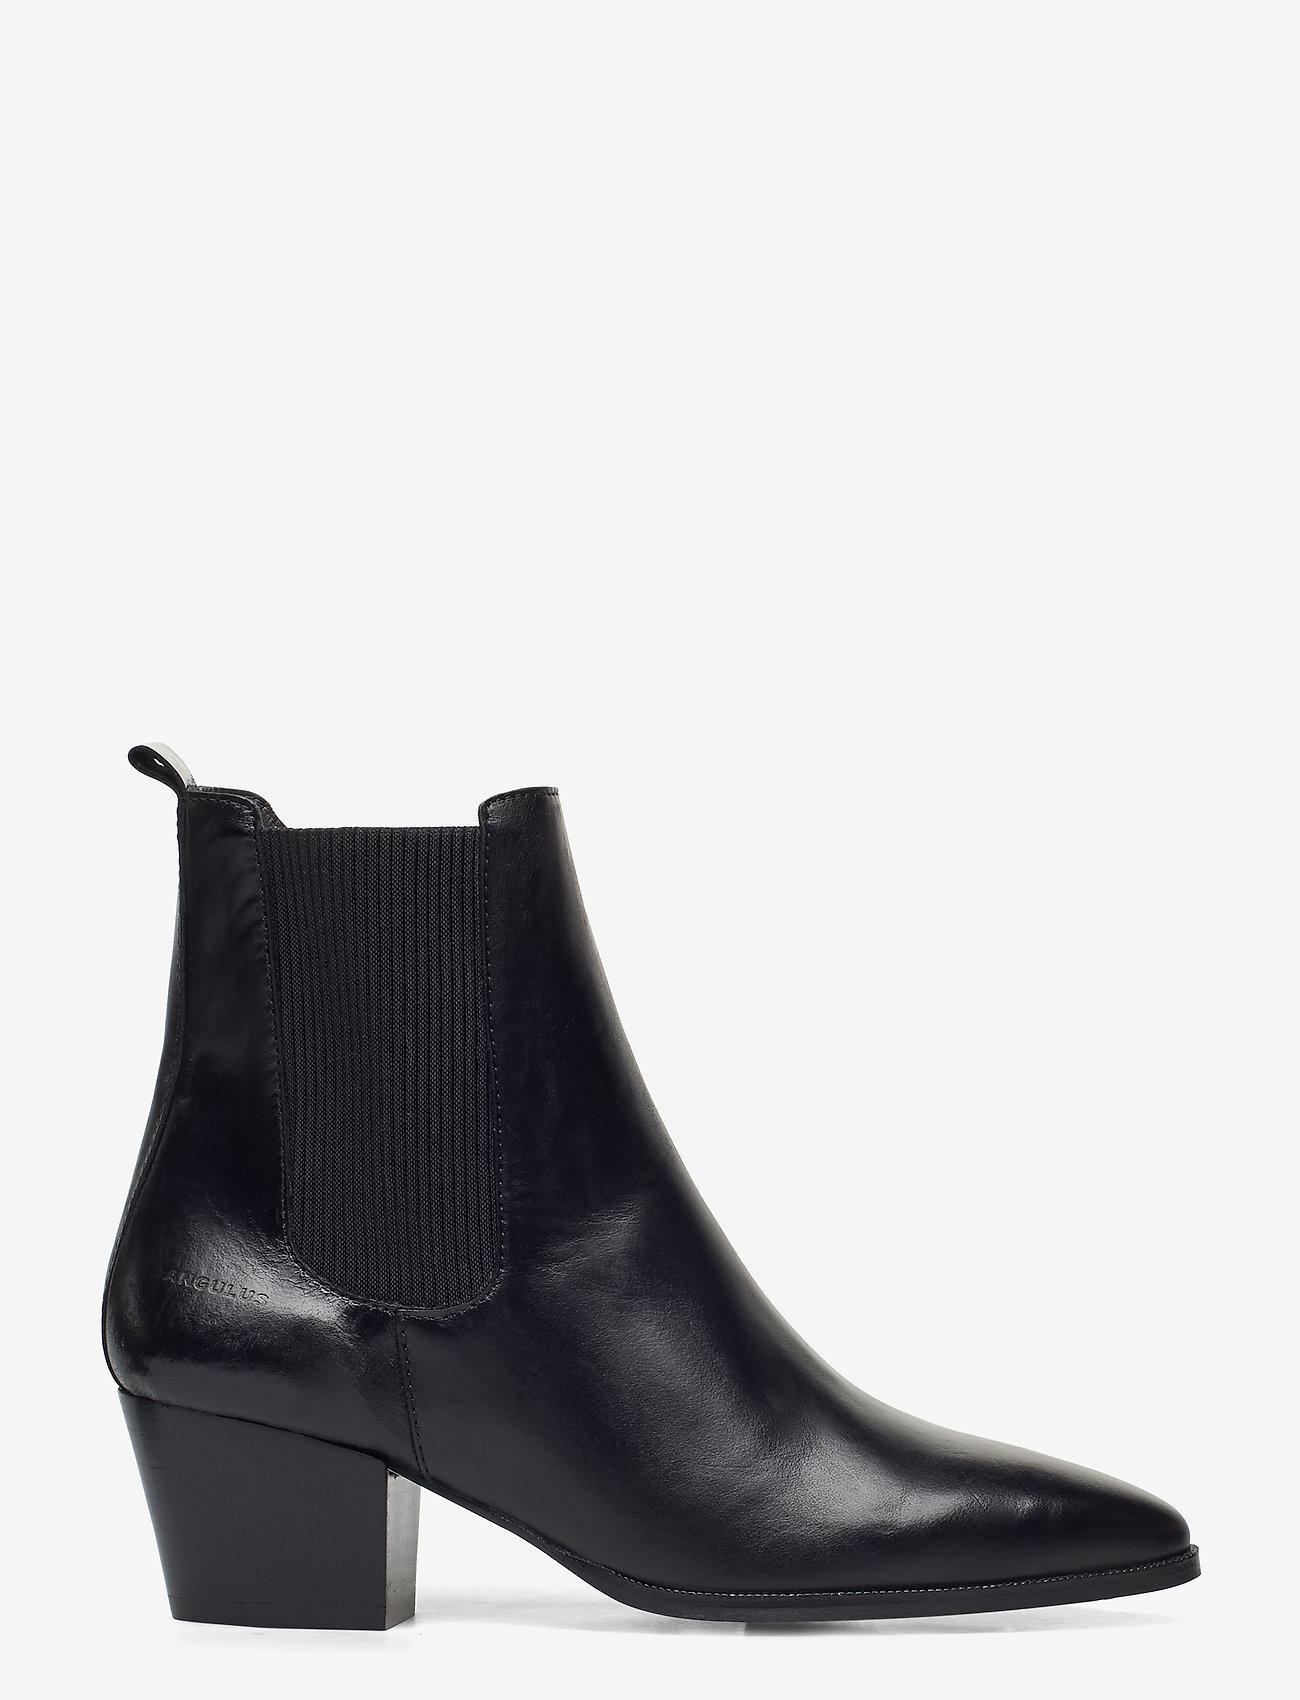 ANGULUS - Booties - Block heel - with elas - ankelstøvler med hæl - 1835/019 sort/sort - 1